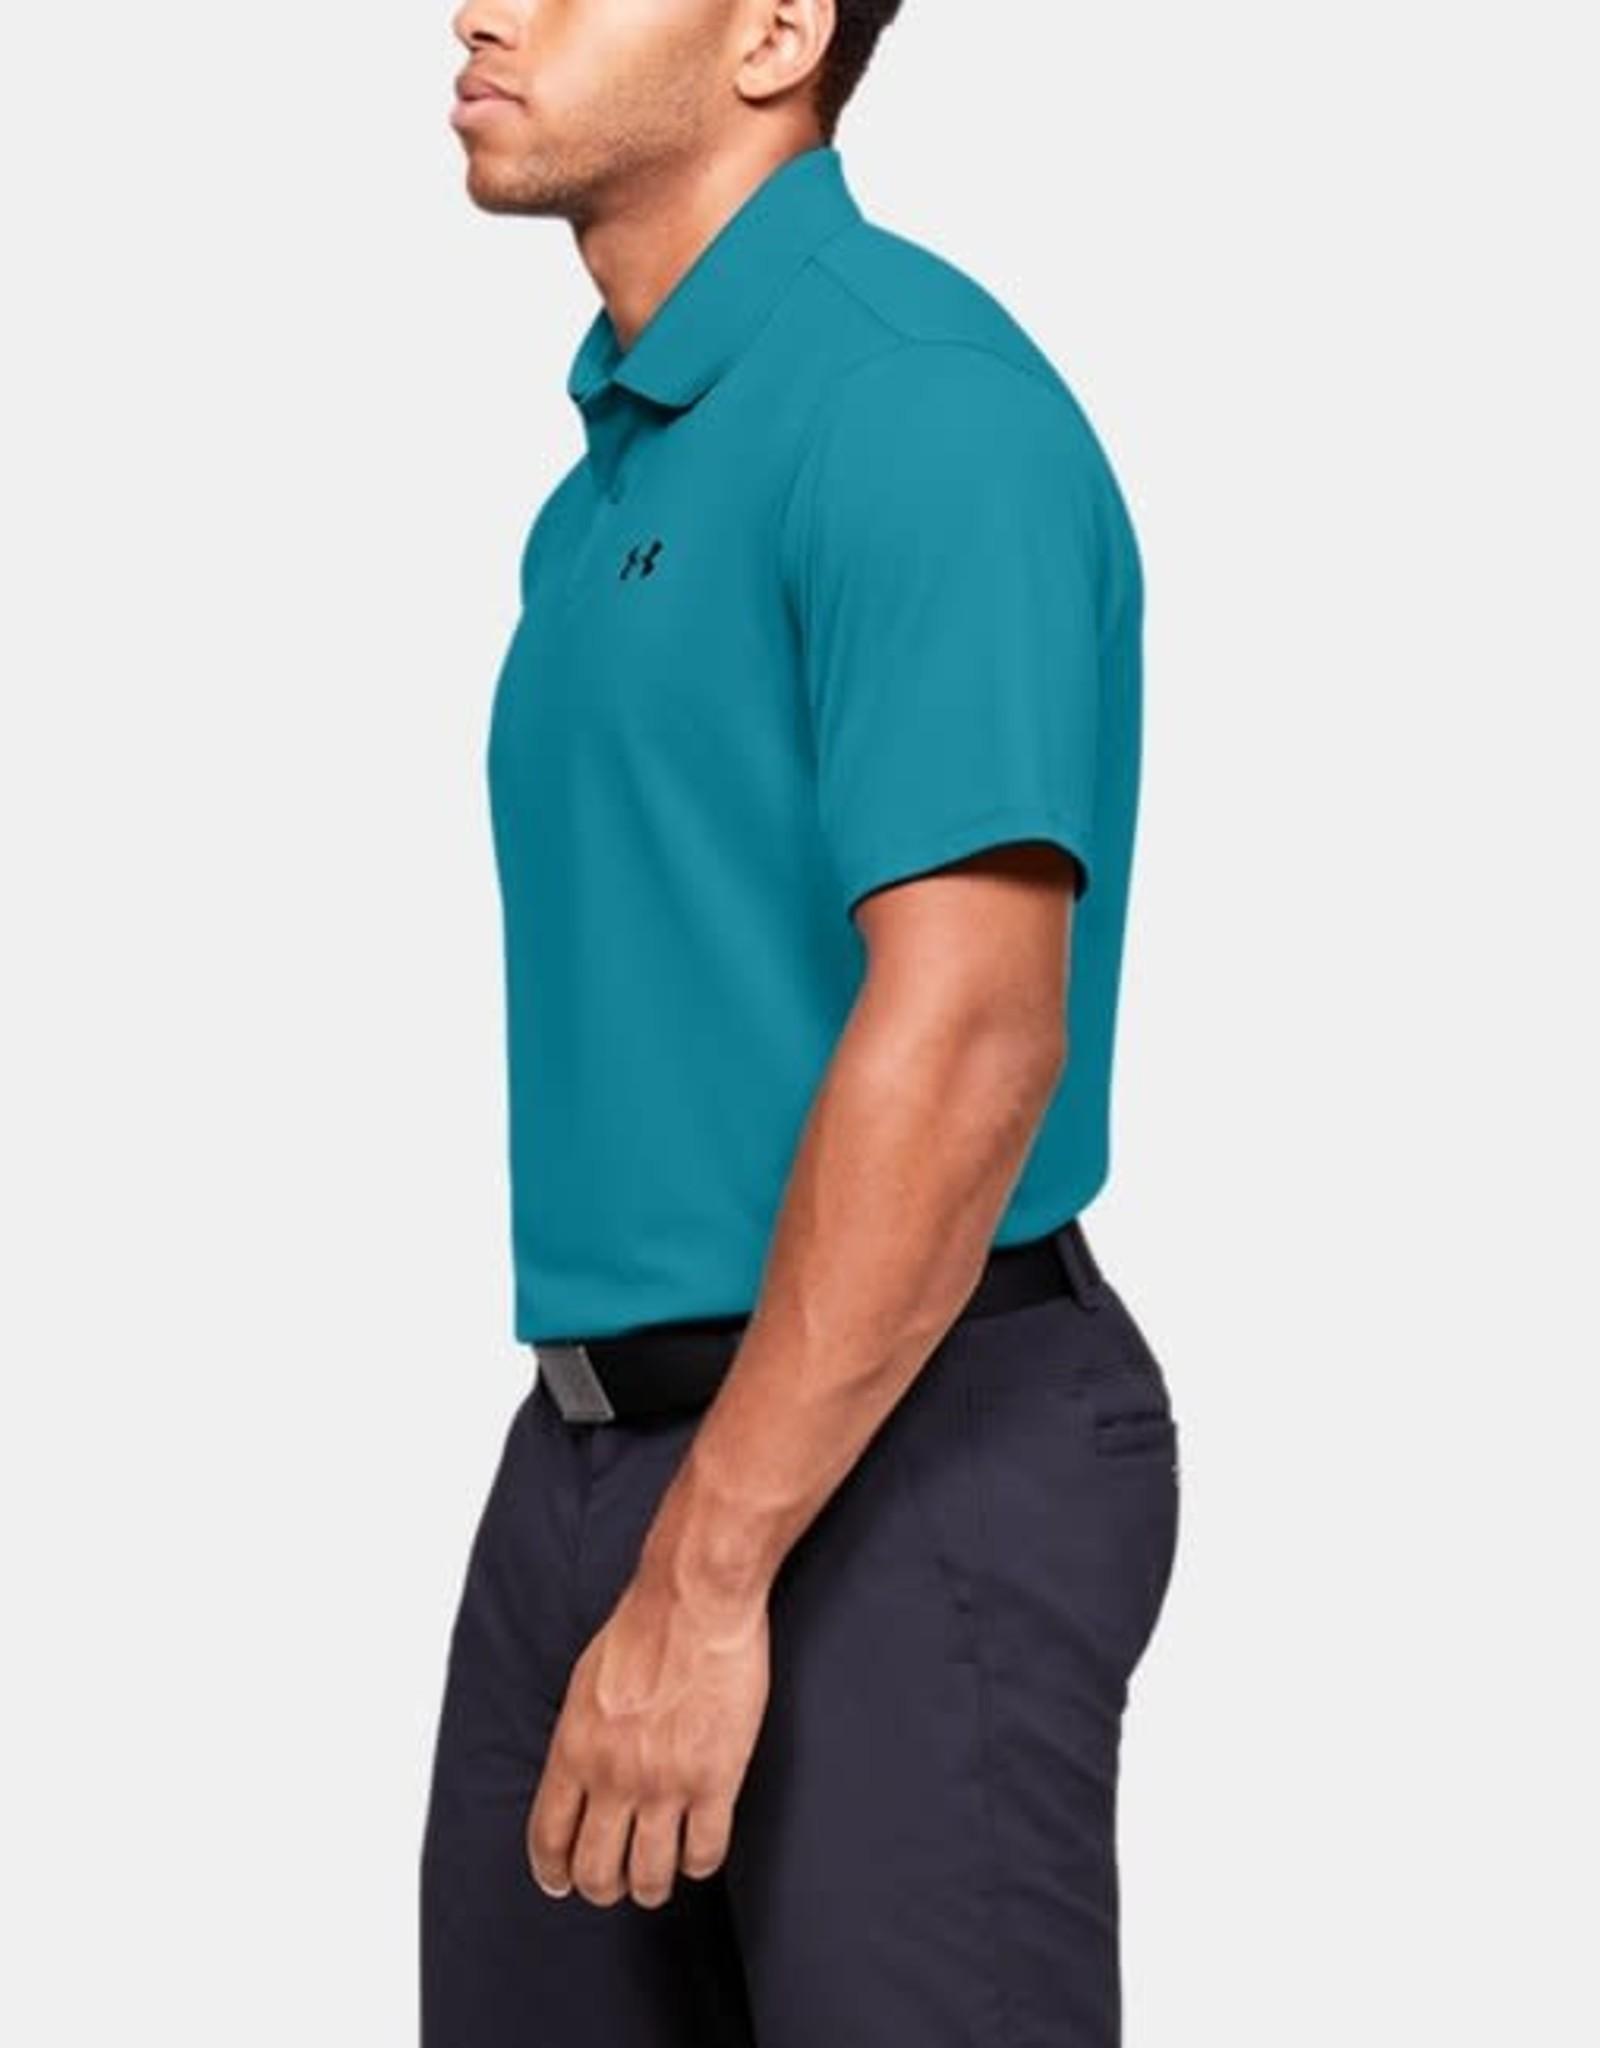 Under Armour Golf Performance 2.0 Polo - blue